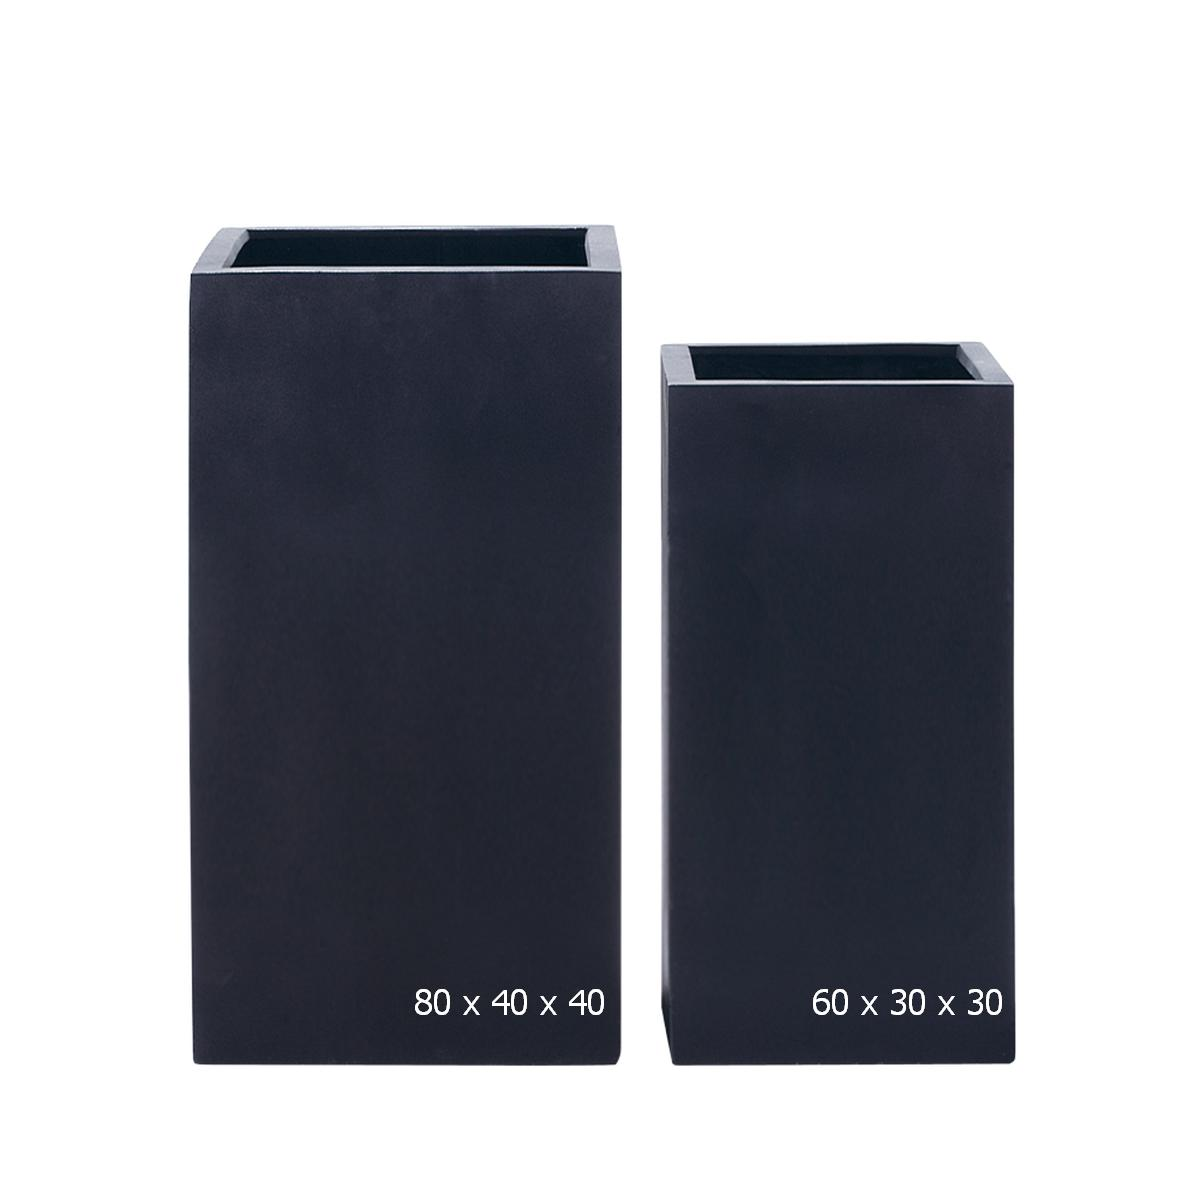 STONEFIBER der hohe Quadratische Blumentopf H80 schwarz